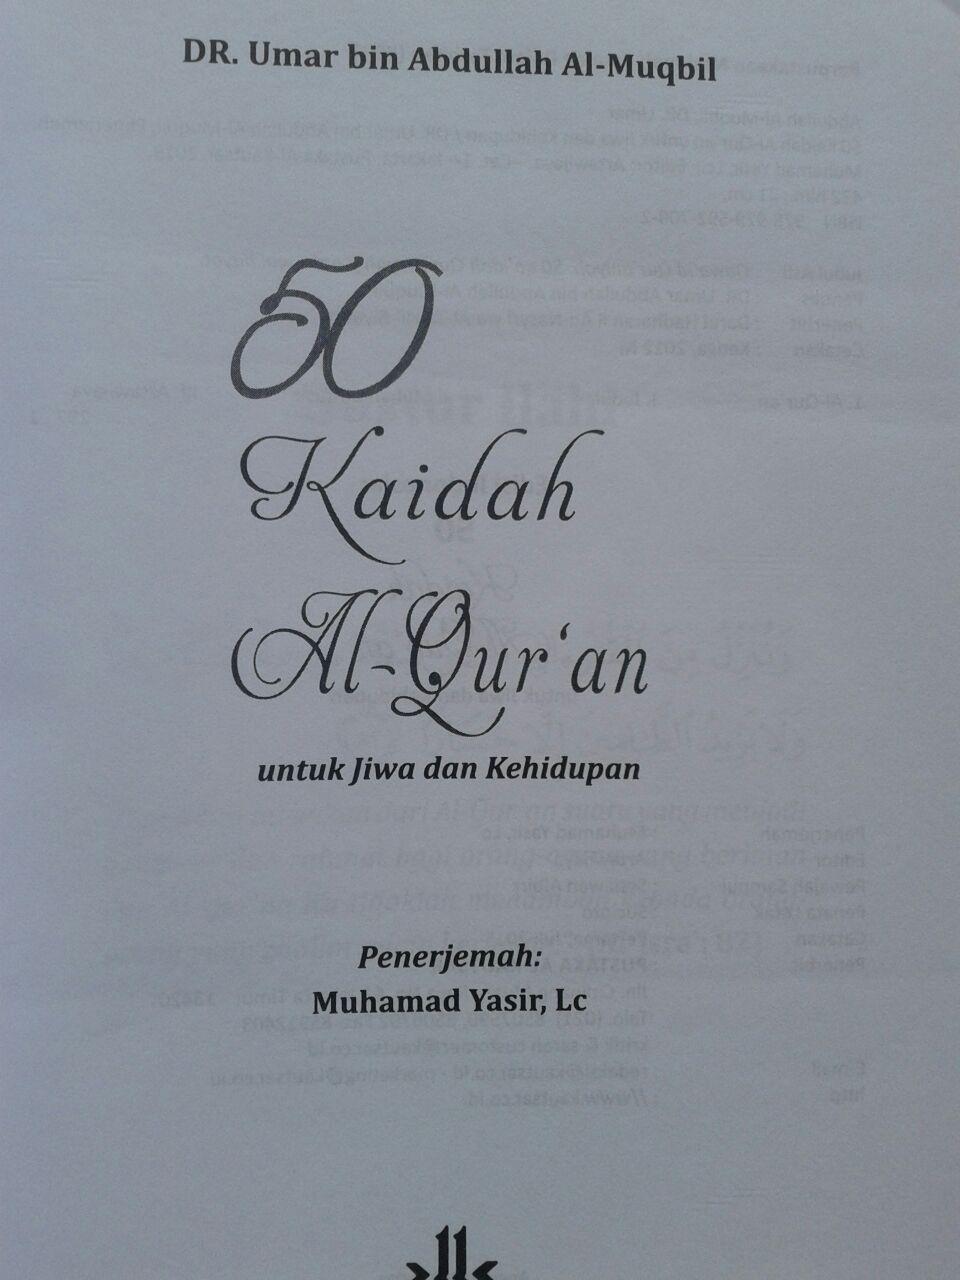 Buku 50 Kaidah Al-Qur'an Dalam Jiwa Dan Kehidupan 75.000 20% 60.000 Pustaka Al-Kautsar isi 5